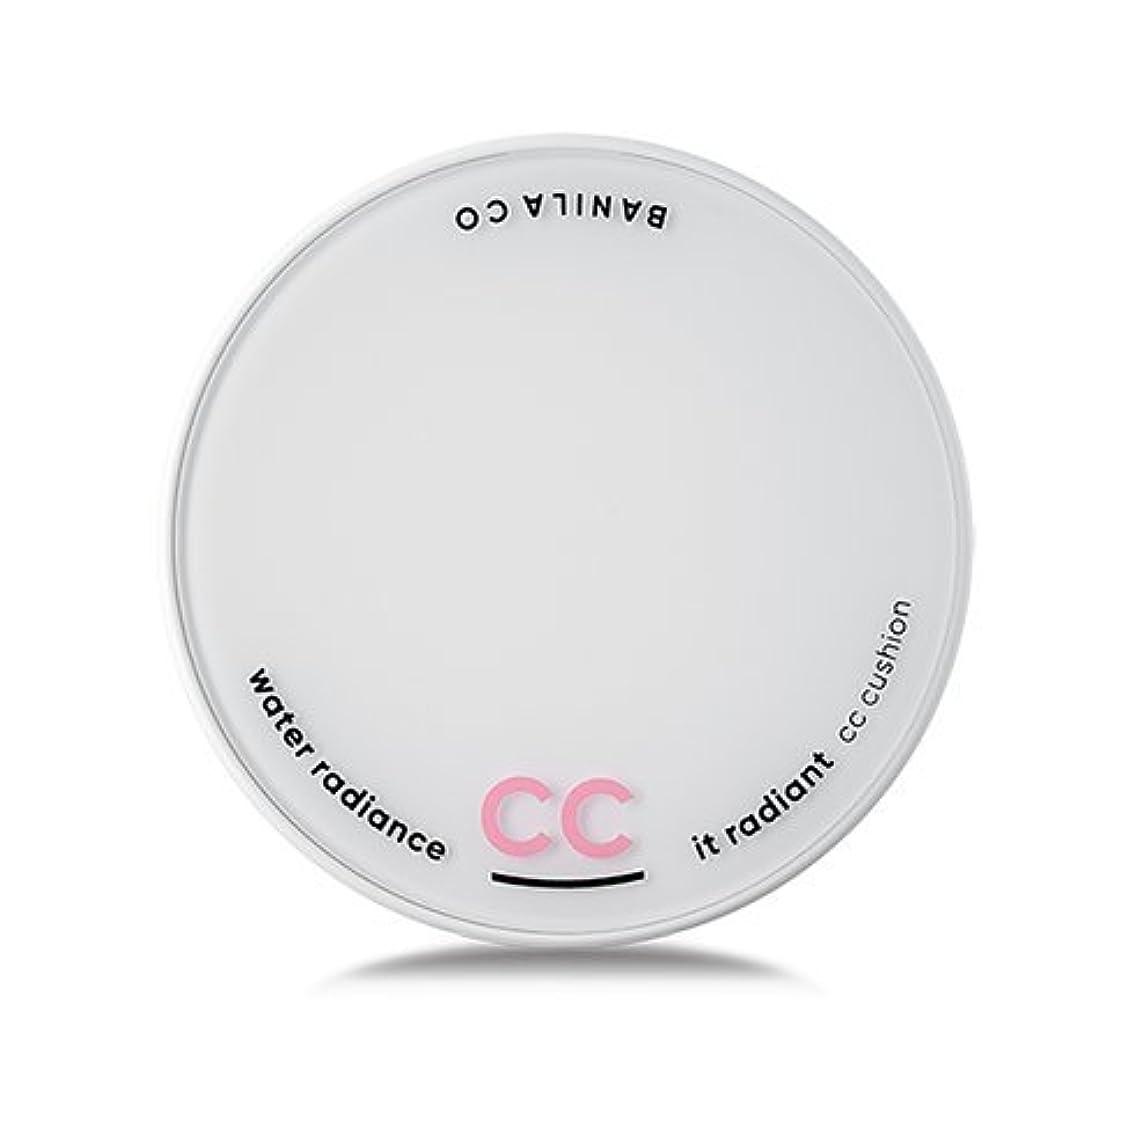 名誉あるまとめるに頼る[Renewal] BANILA CO It Radiant CC Cushion 15g + Refill 15g/バニラコ イット ラディアント CC クッション 15g + リフィル 15g (#Natural Beige...